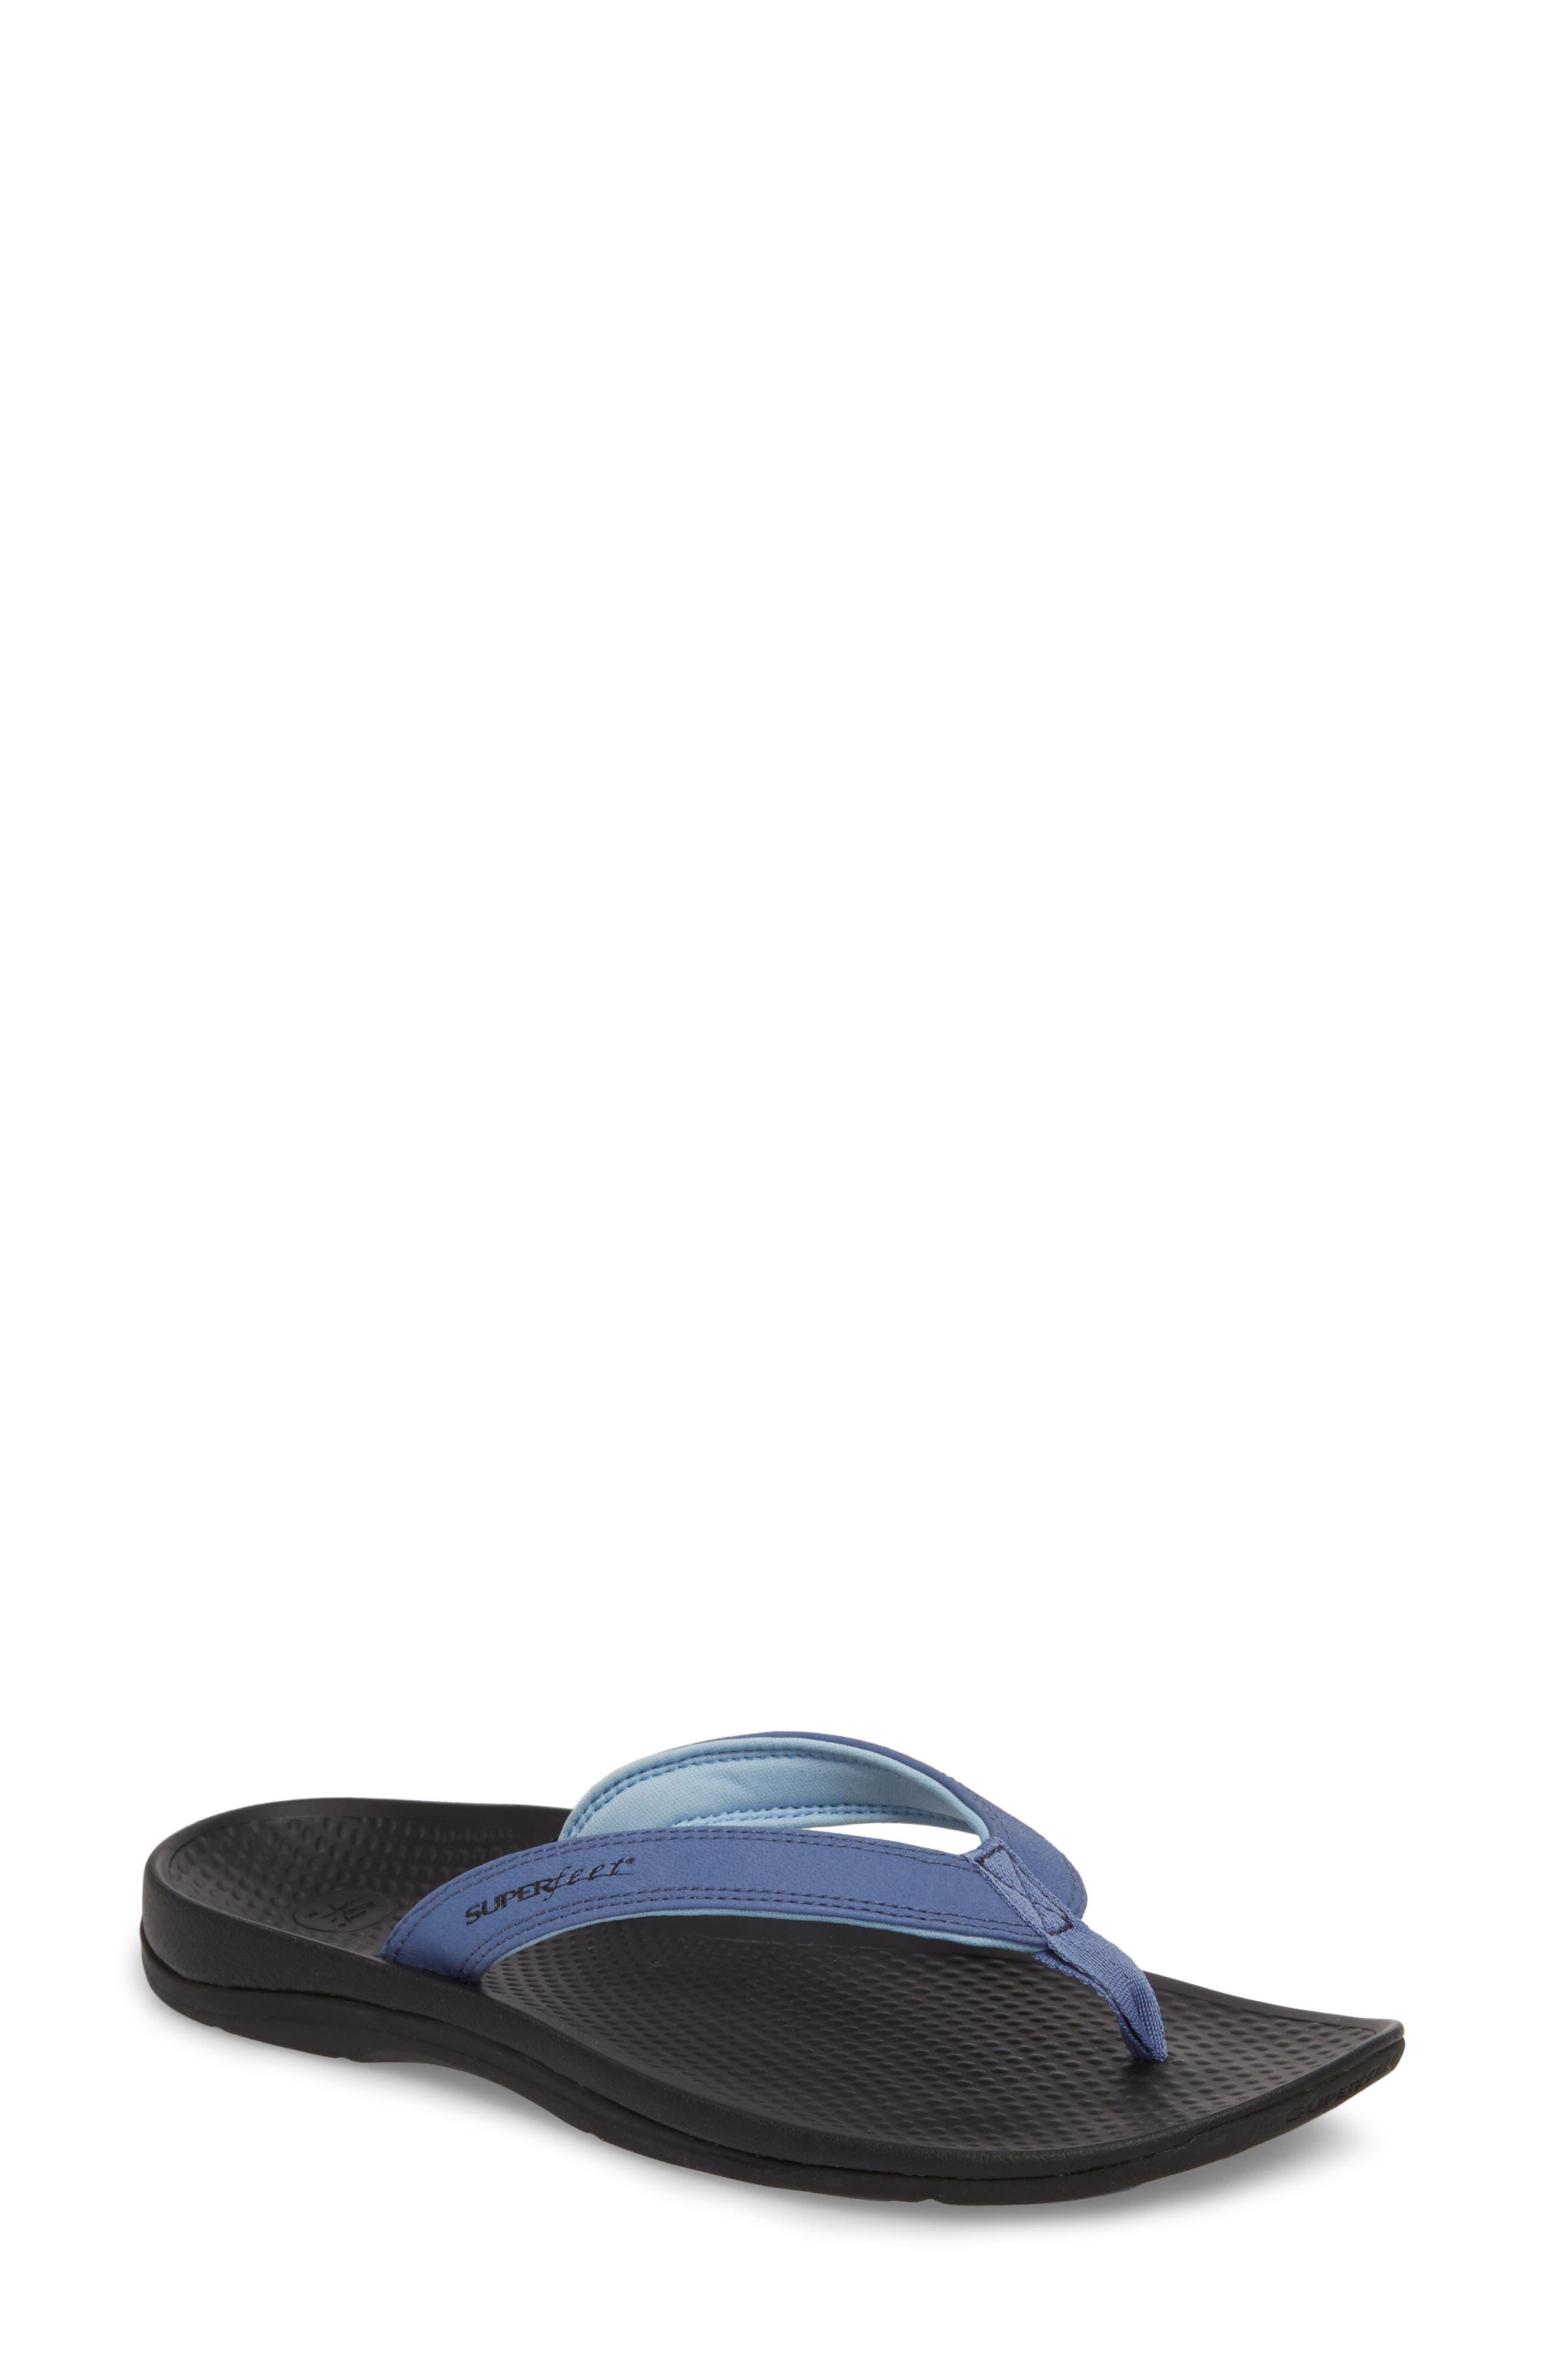 Outside 2.0 Flip Flop,                         Main,                         color, BLUE FAUX LEATHER